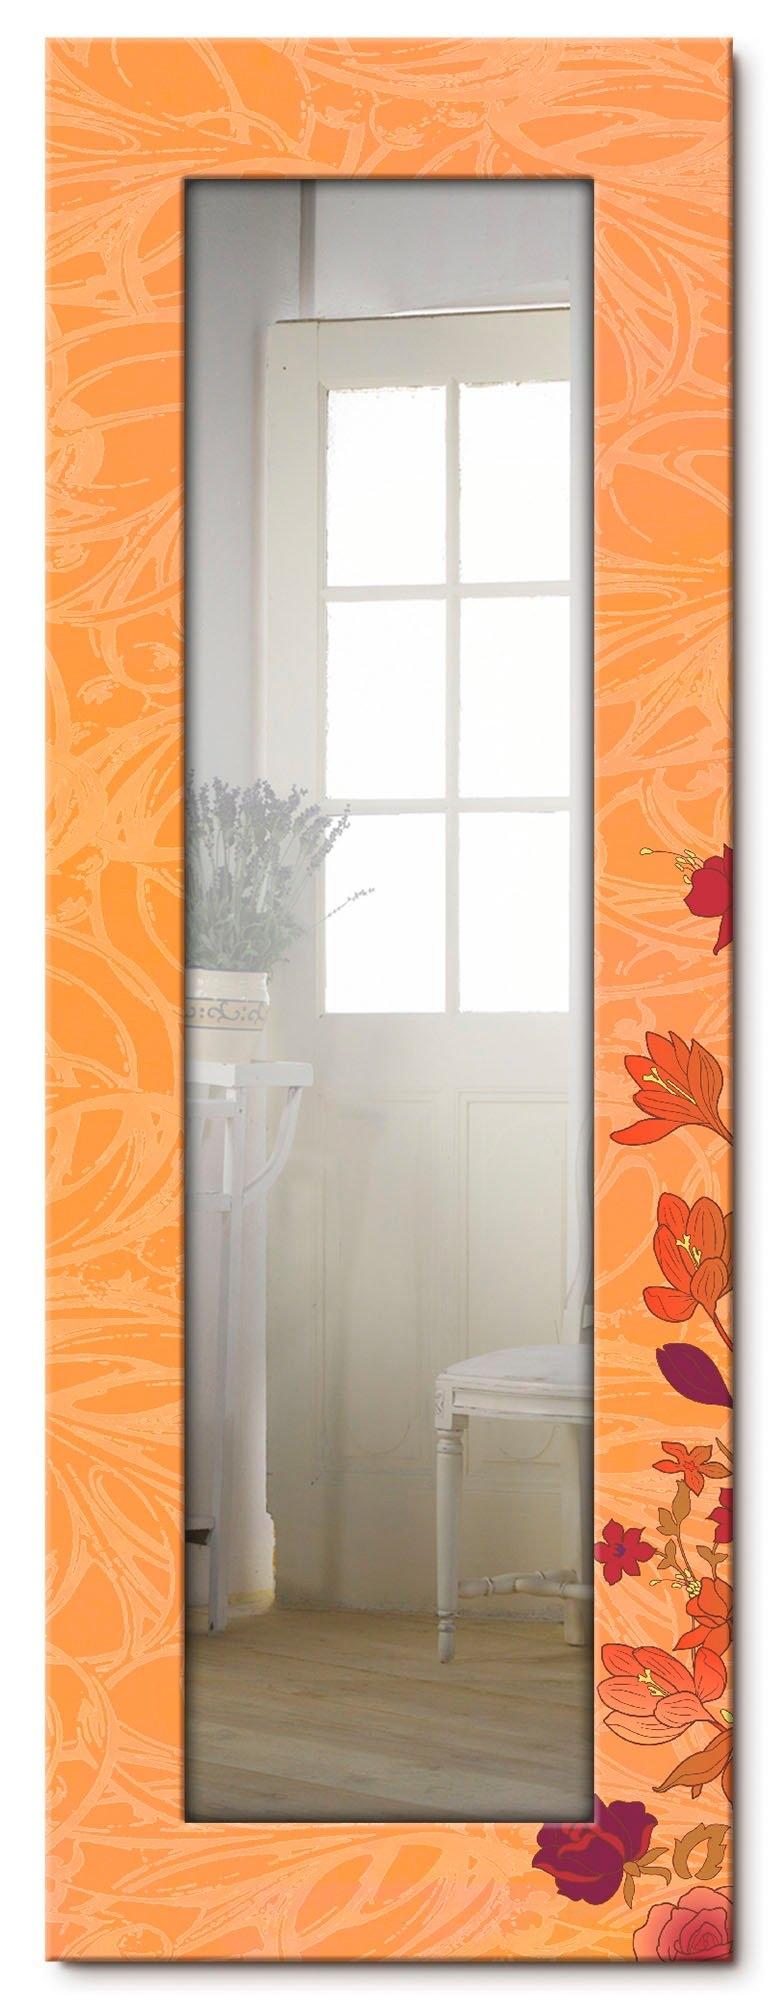 Artland wandspiegel Bloemen oranje ingelijste spiegel voor het hele lichaam met motiefrand, geschikt voor kleine, smalle hal, halspiegel, mirror spiegel omrand om op te hangen voordelig en veilig online kopen